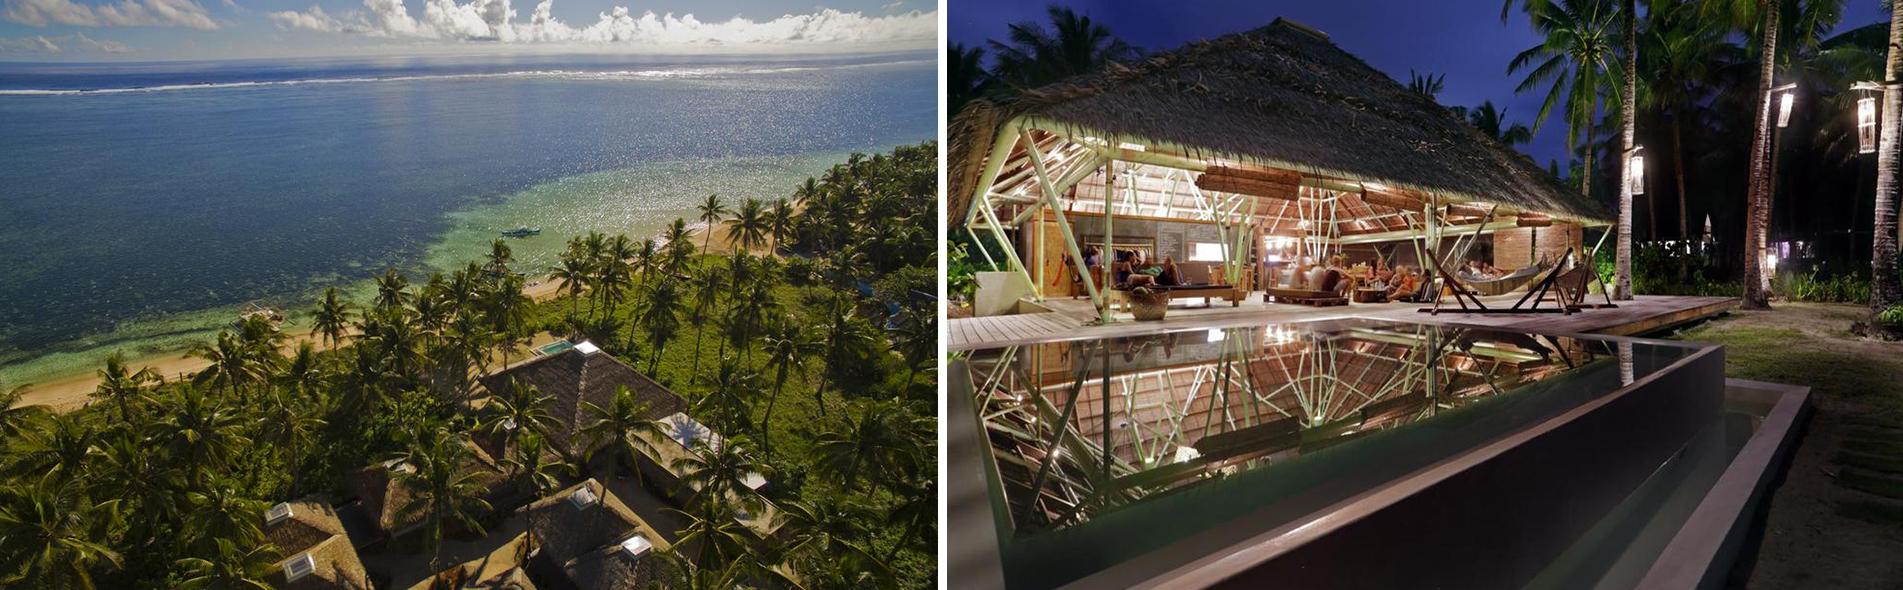 Bravo Beach Resort Siargao, Philippines